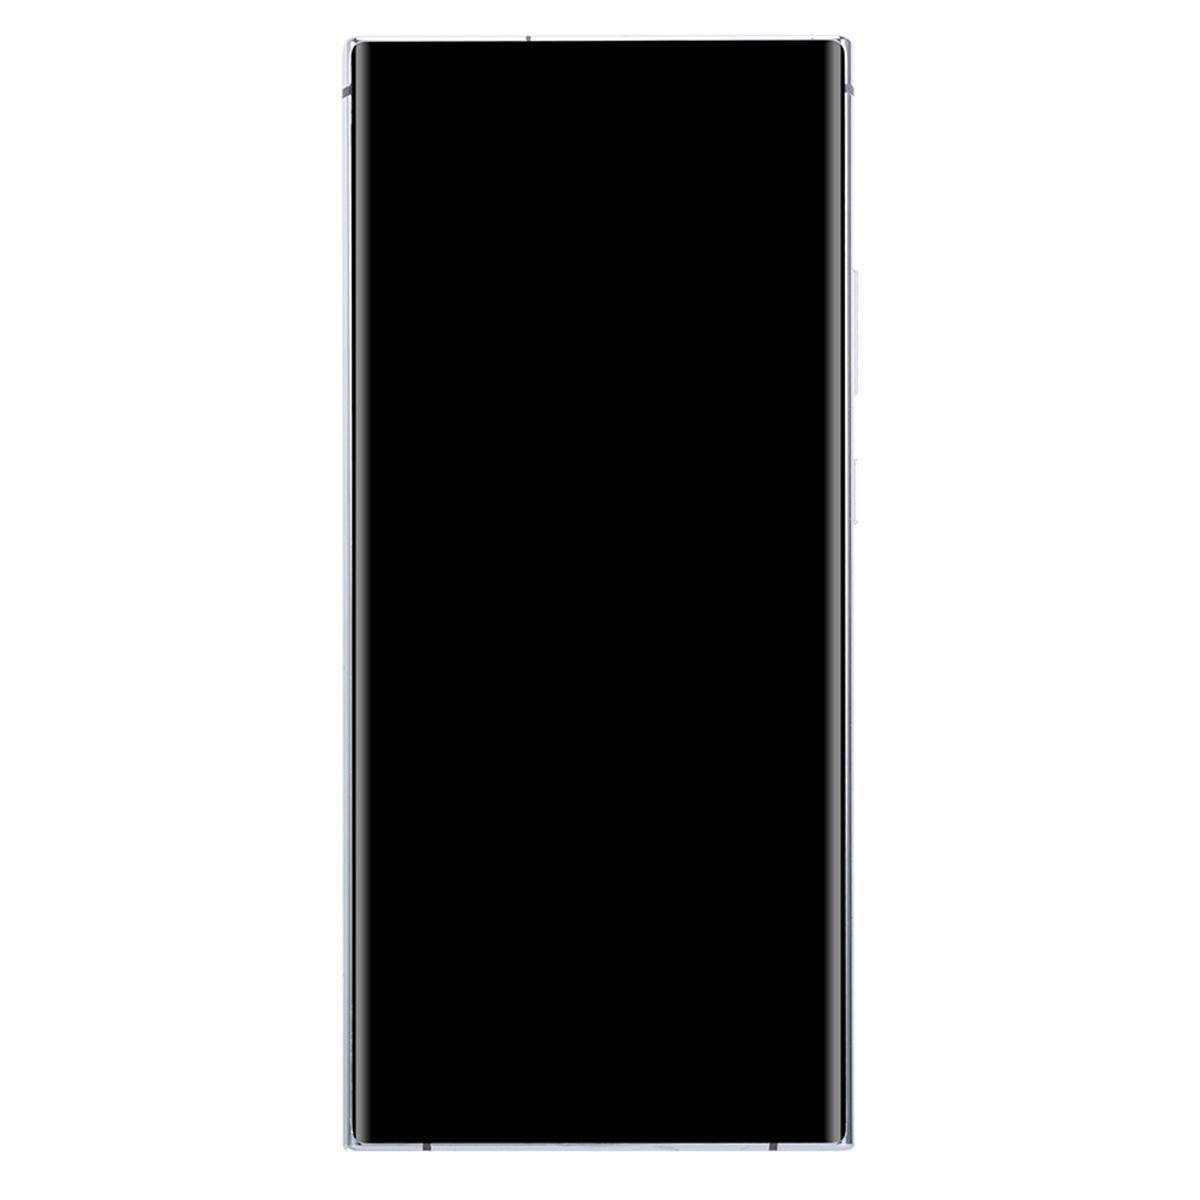 안드로이드 11 S21U 21+ Ultra 5G Smart Phone Octa Core 4G LTE 3G WCDMA N20U S20U 6.9 6.8 6.7 인치 펀치 홀 전체 화면 얼굴 ID 지문 GPS 13MP 카메라 256GB 512GB 무료 UPS TNT